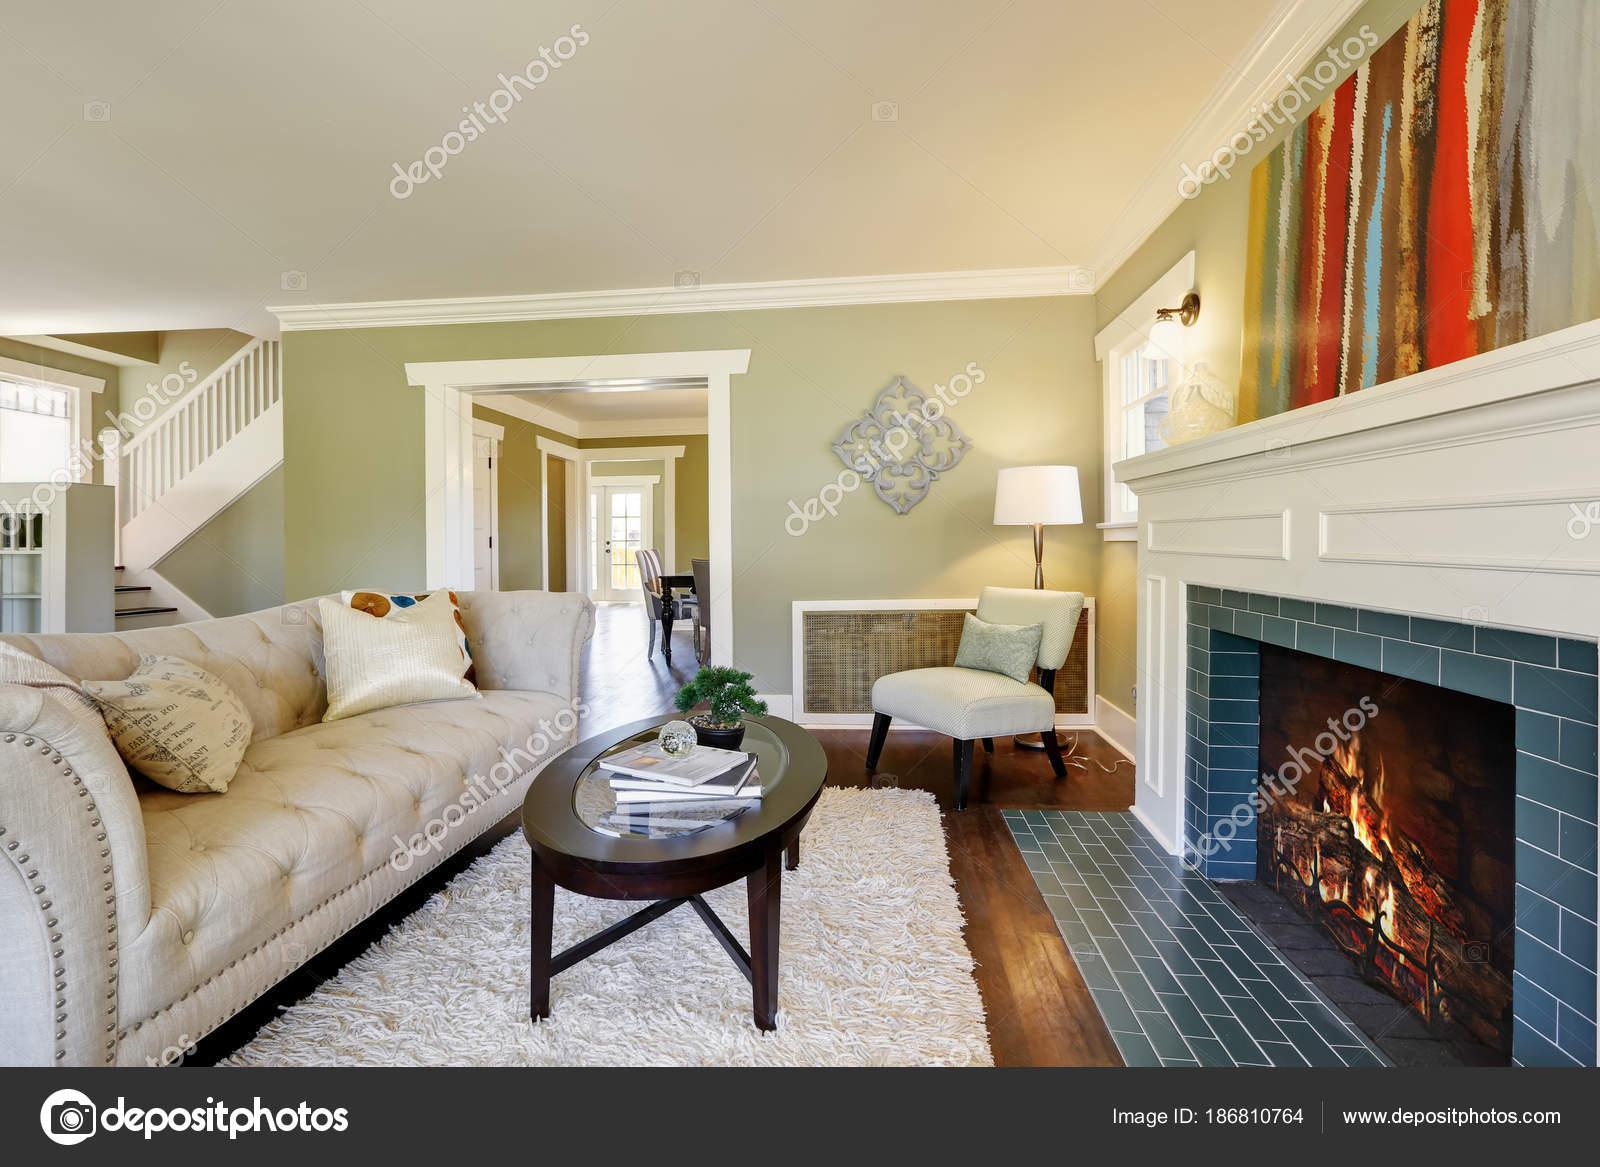 Wunderbar Amerikanischer Kamin Referenz Von Schicke Grüne Wohnzimmer Mit Einem Traditionellen —